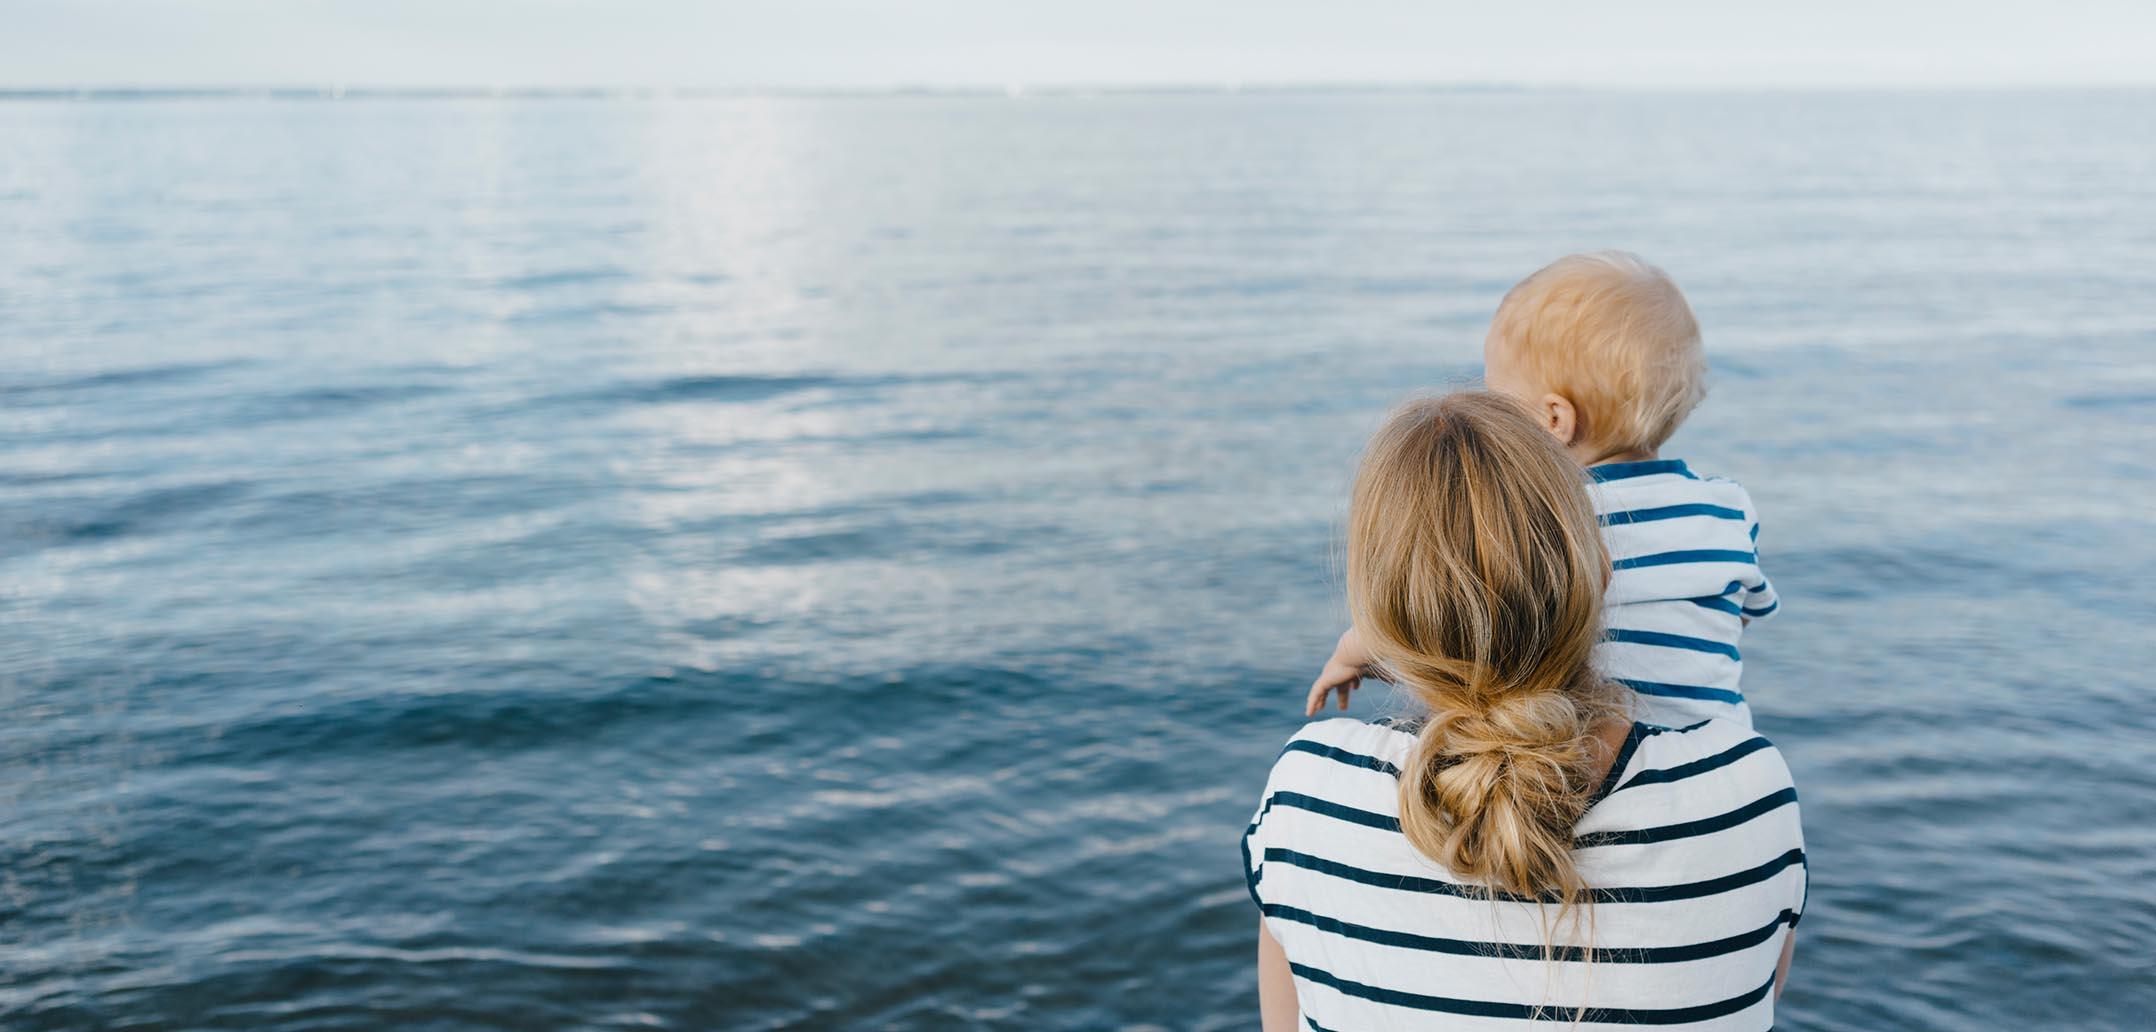 Schränkt das Eltern-Sein die Reisen ein?